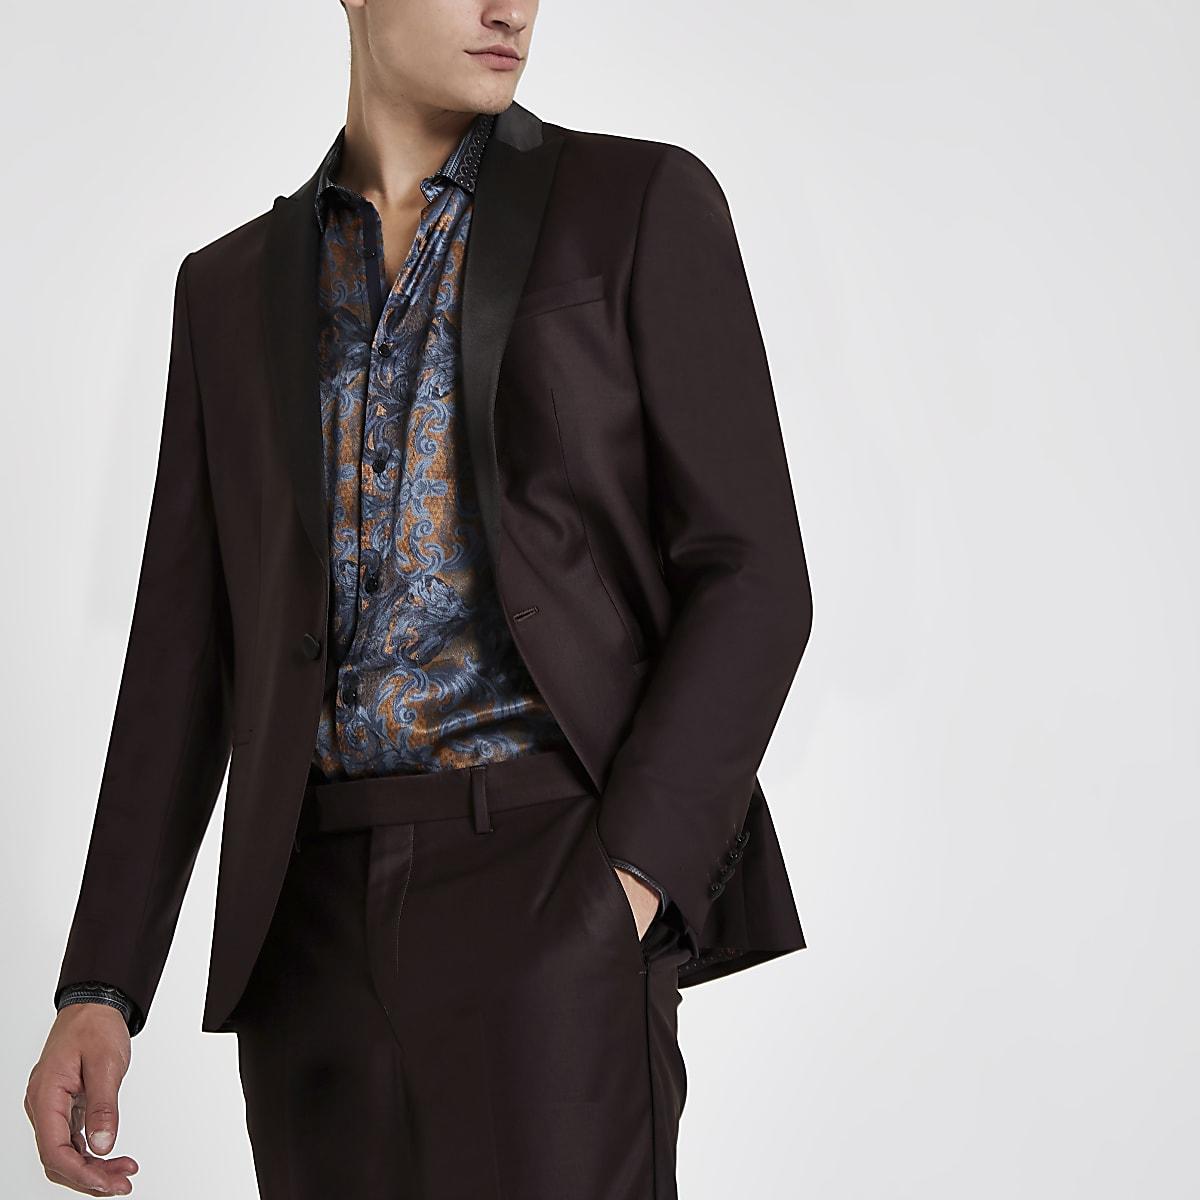 RI 30 burgundy skinny fit suit jacket